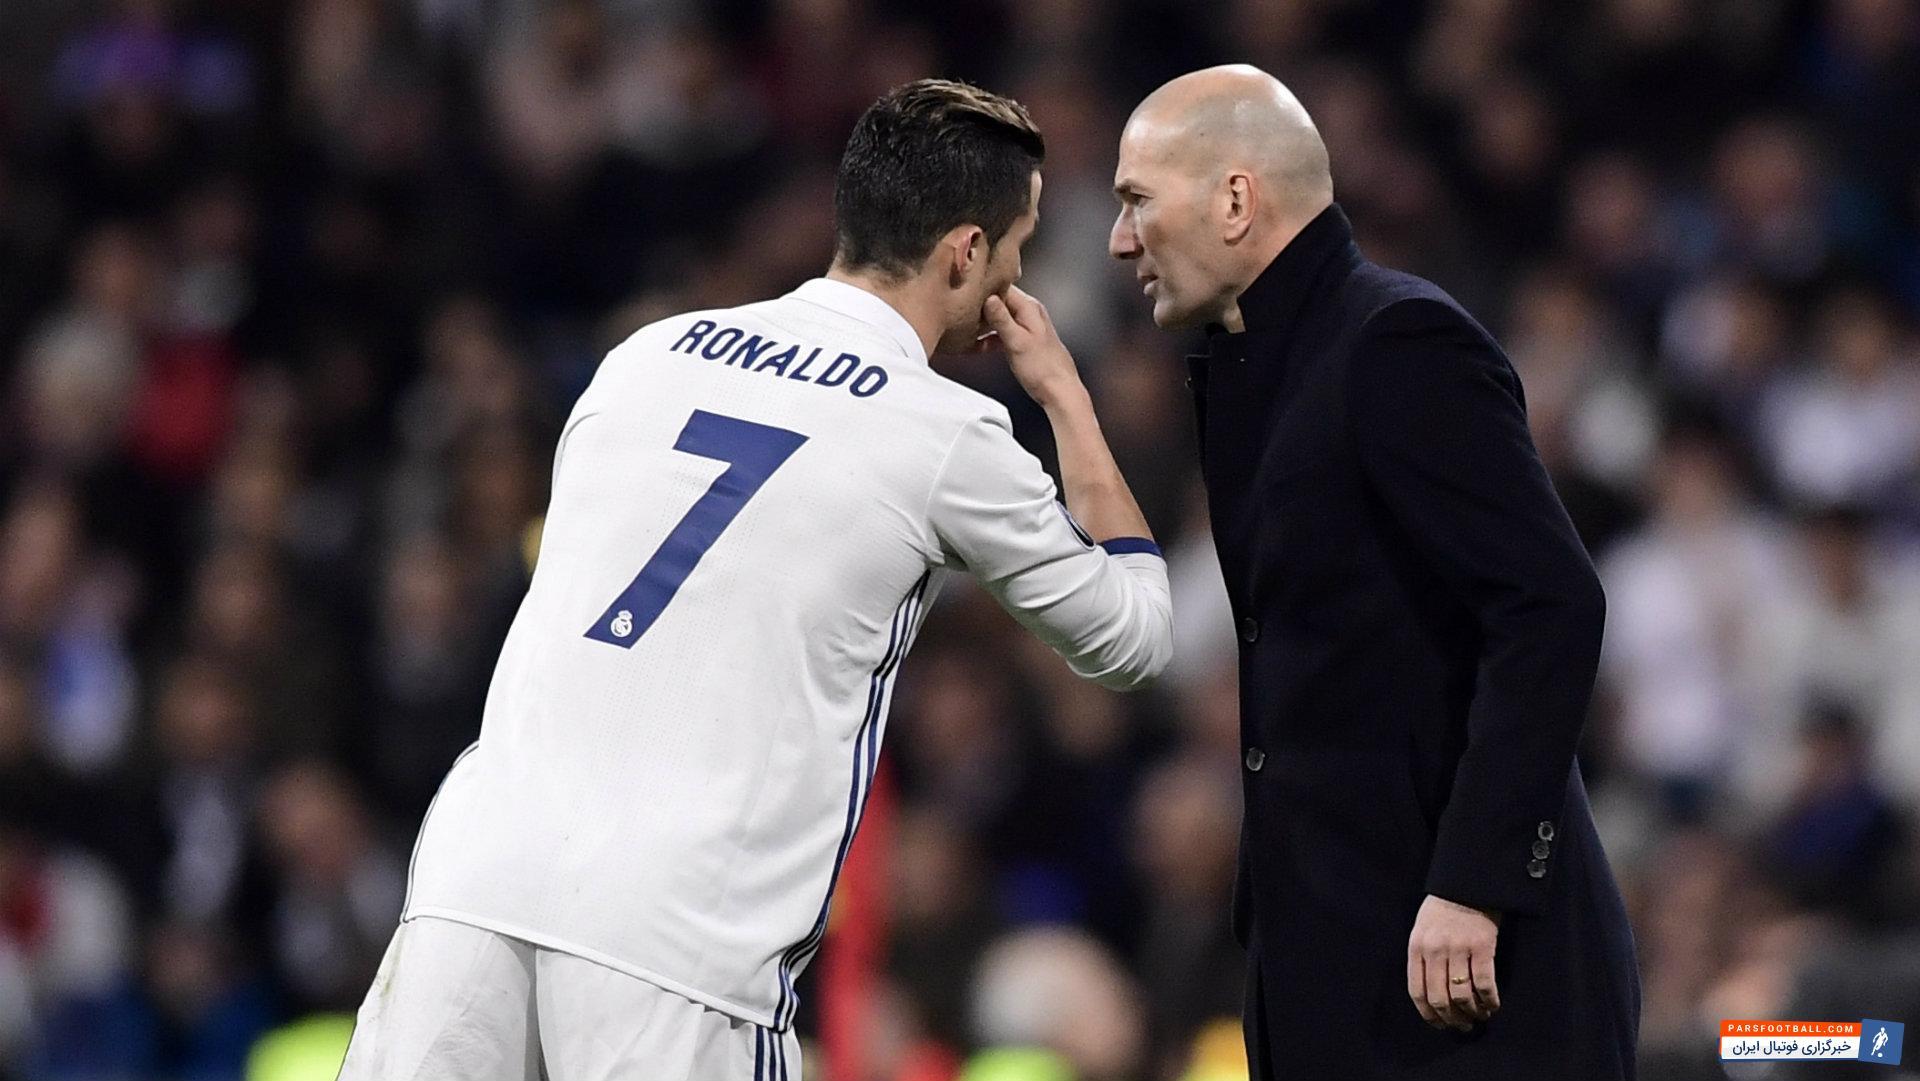 رونالدو تصمیم قاطع برای ترک رئال مادرید نگرفته است ؛ پارس فوتبال اولین خبرگزاری فوتبال ایران